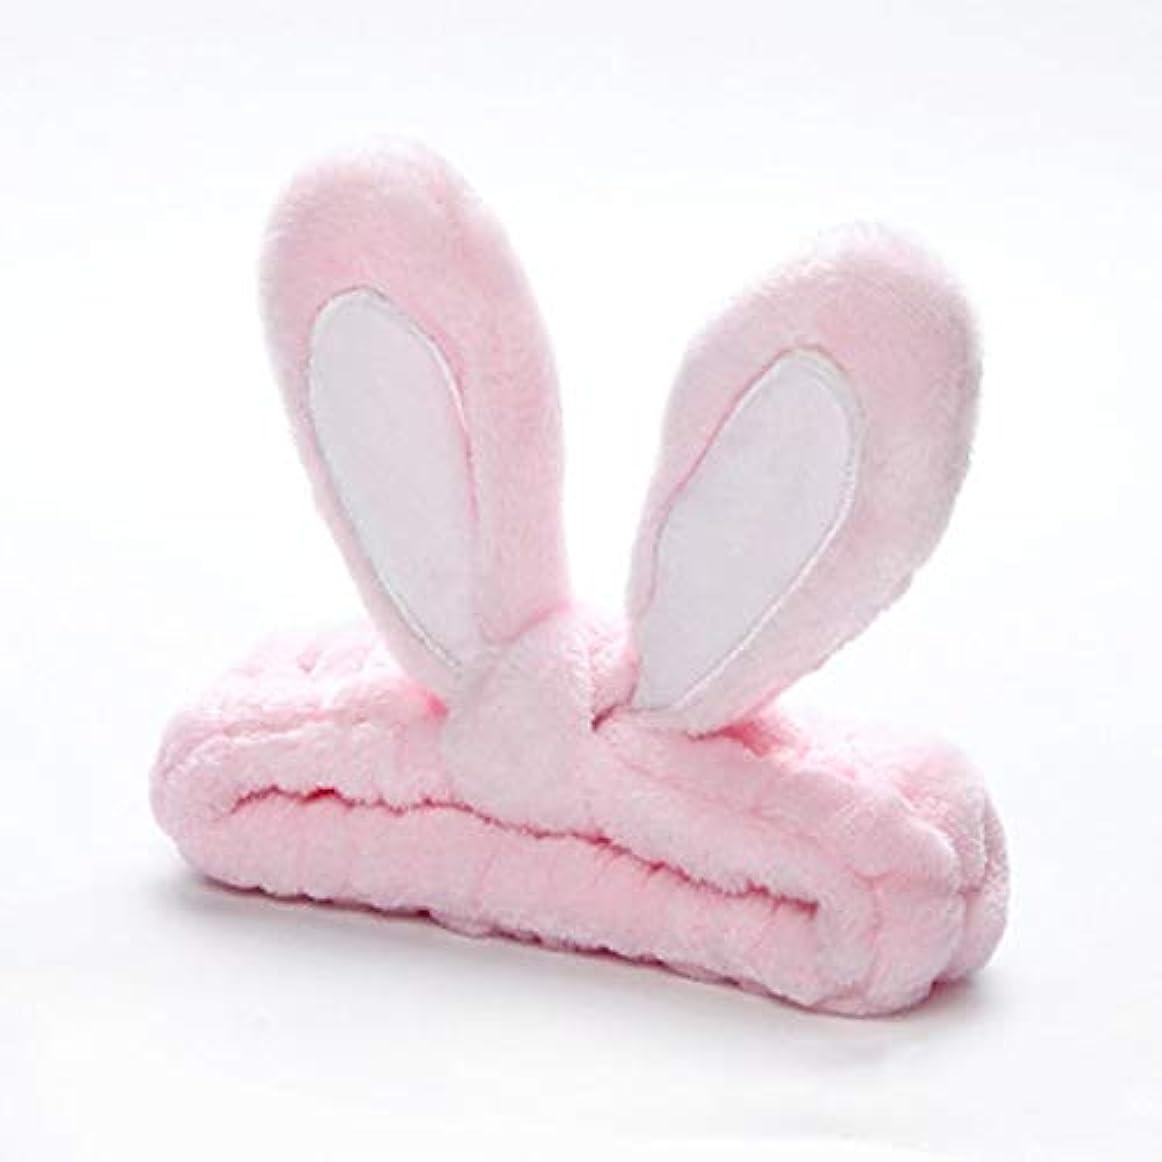 衝突進行中人口かわいいウサギの耳帽子は顔を洗って、新しくファッションヘッドバンドをメイクアップ